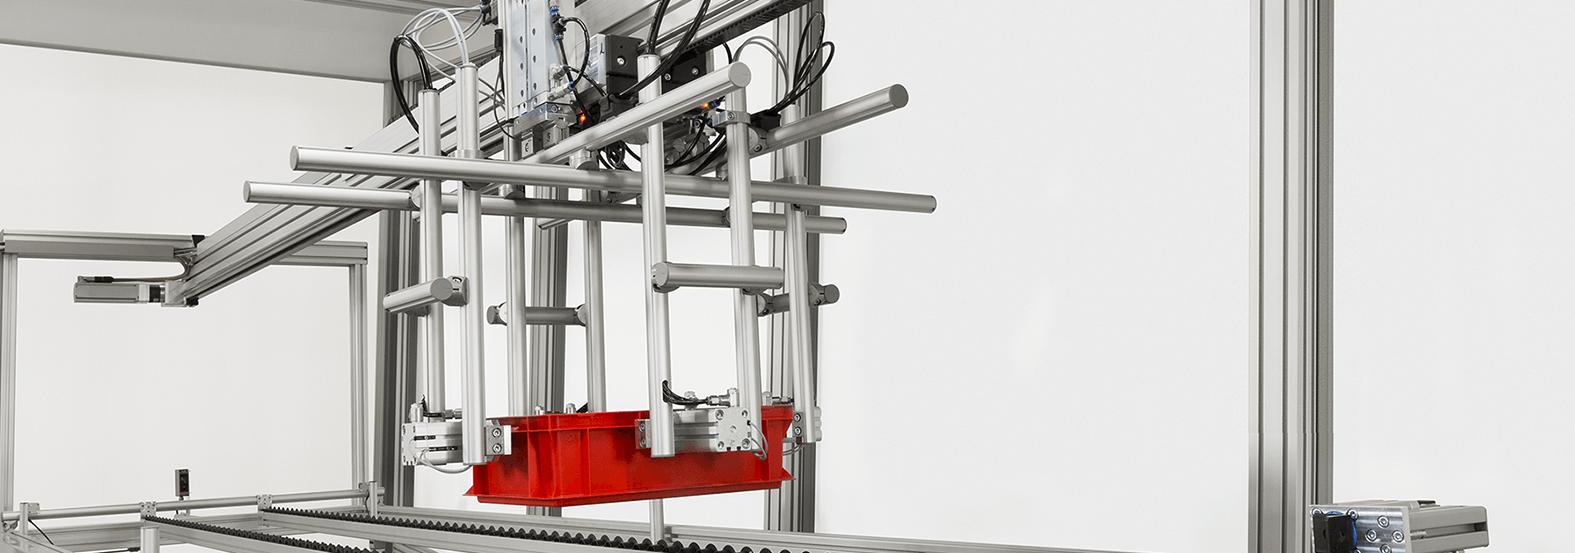 Automation: Konfiguration und Inbetriebnahme leicht gemacht